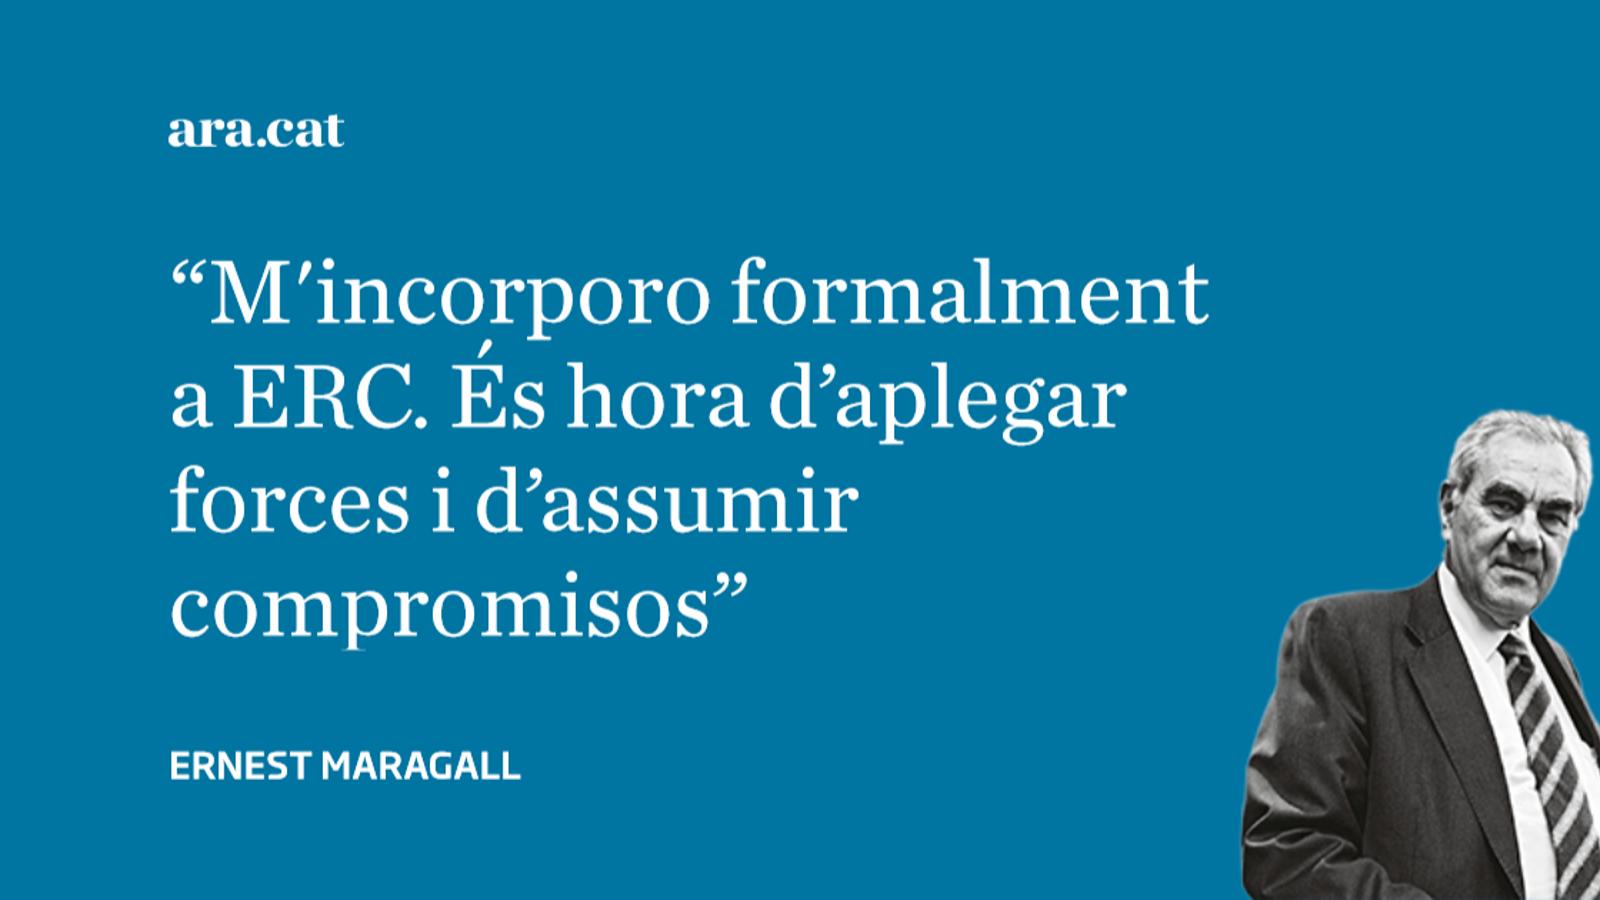 Carta d'Ernest Maragall a Oriol Junqueras i Marta Rovira